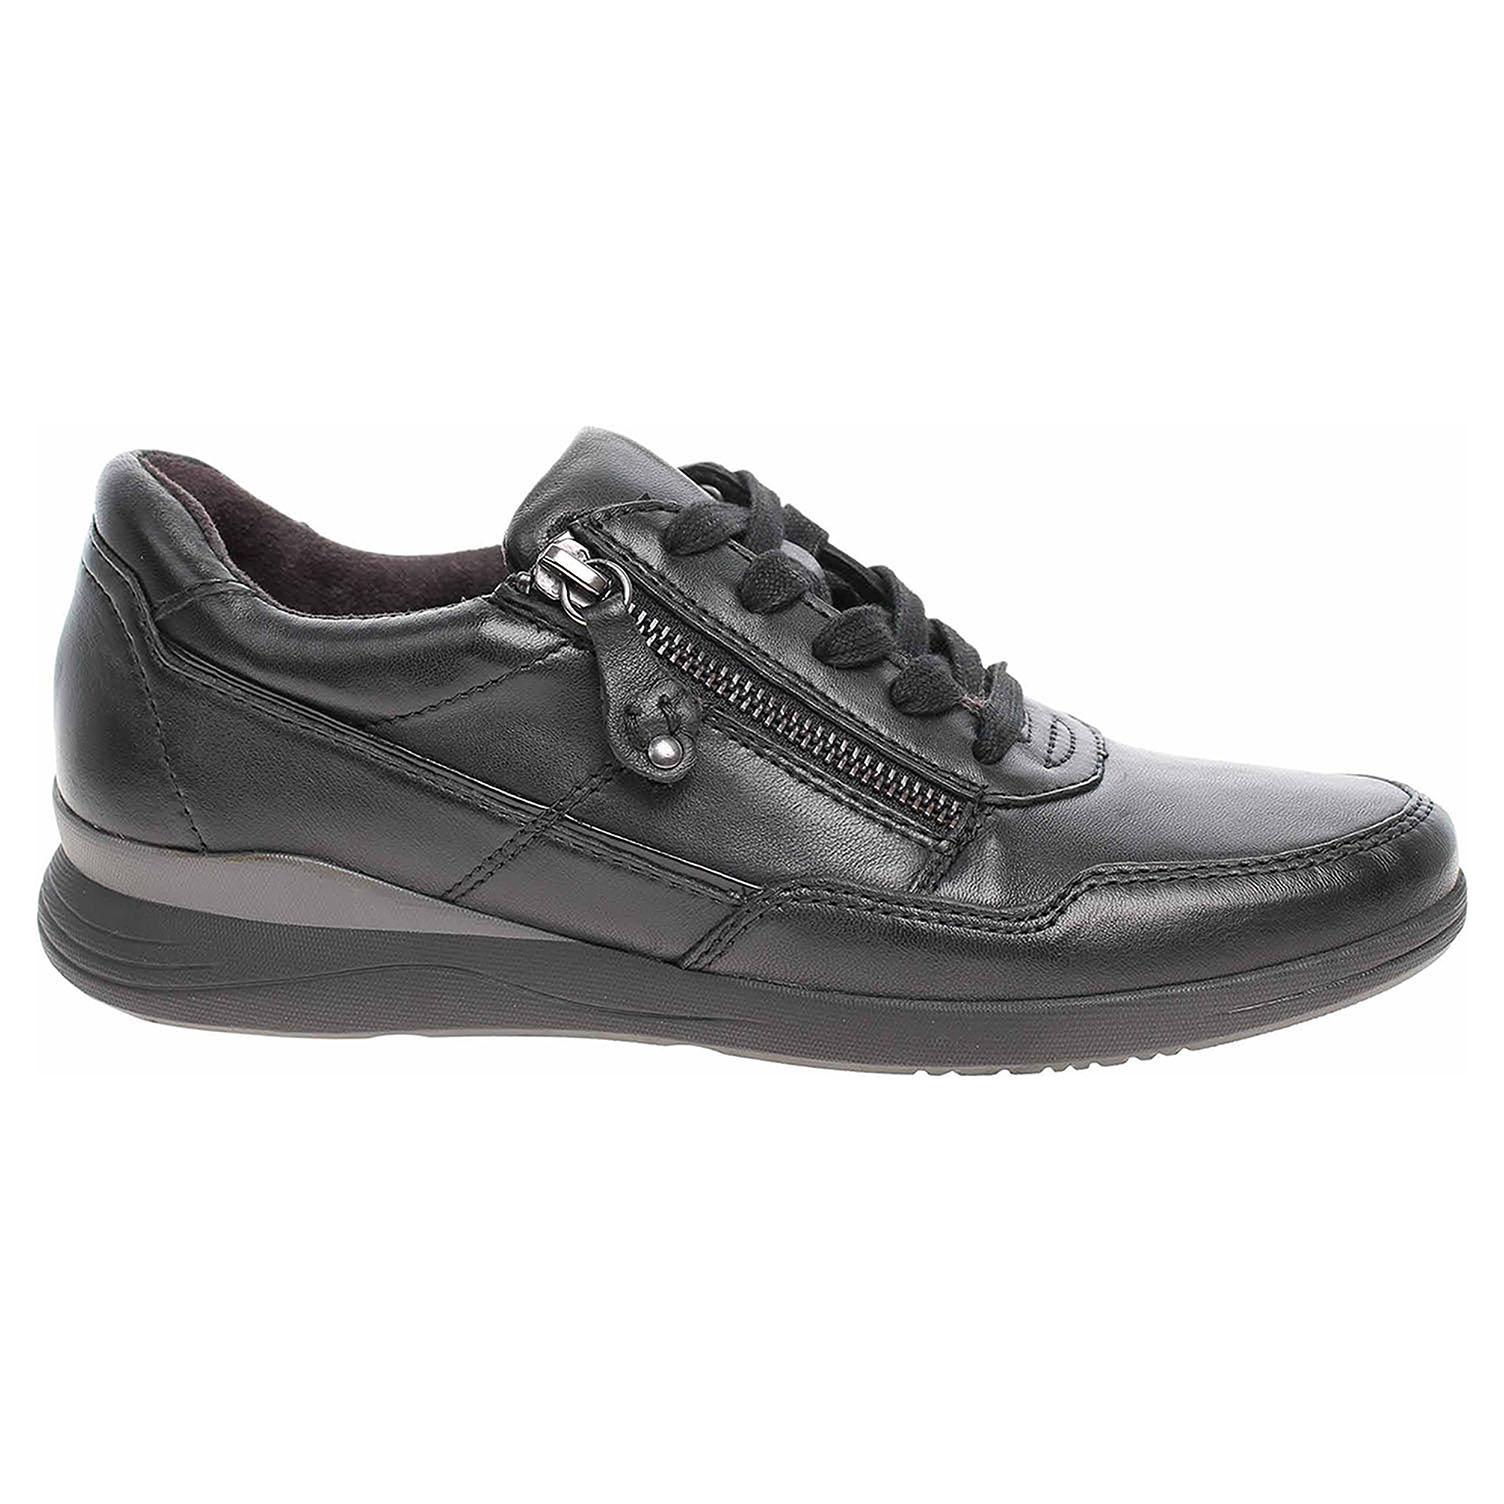 Dámská obuv Jana 8-23721-25 black 8-8-23721-25 001 39